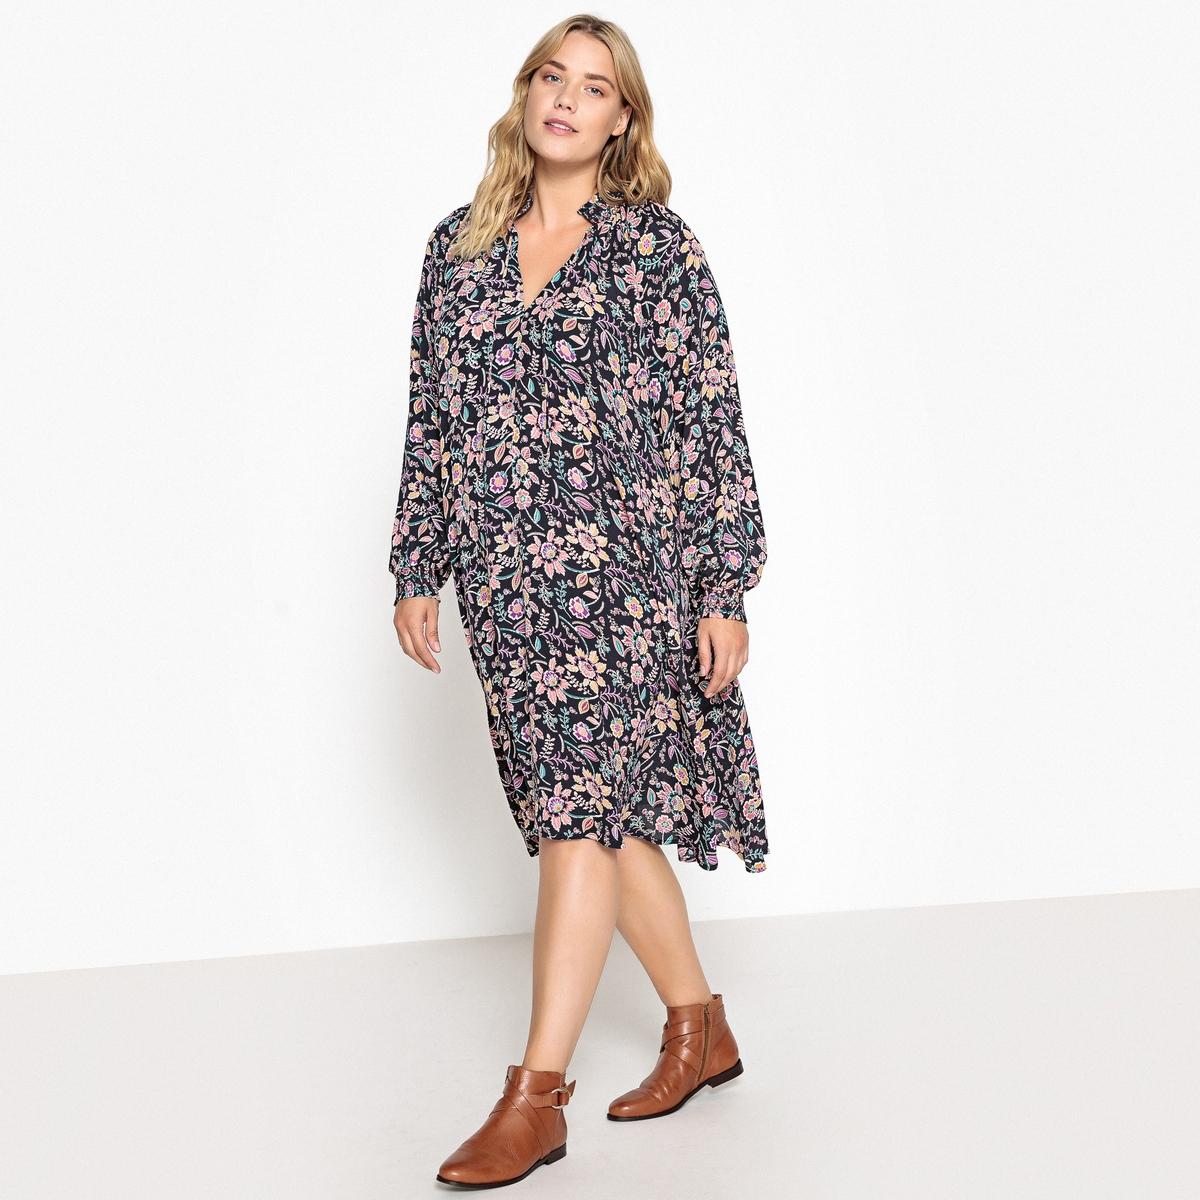 Платье расклешенное с цветочным рисунком и длинными рукавами платье с запахом длинными рукавами и цветочным рисунком